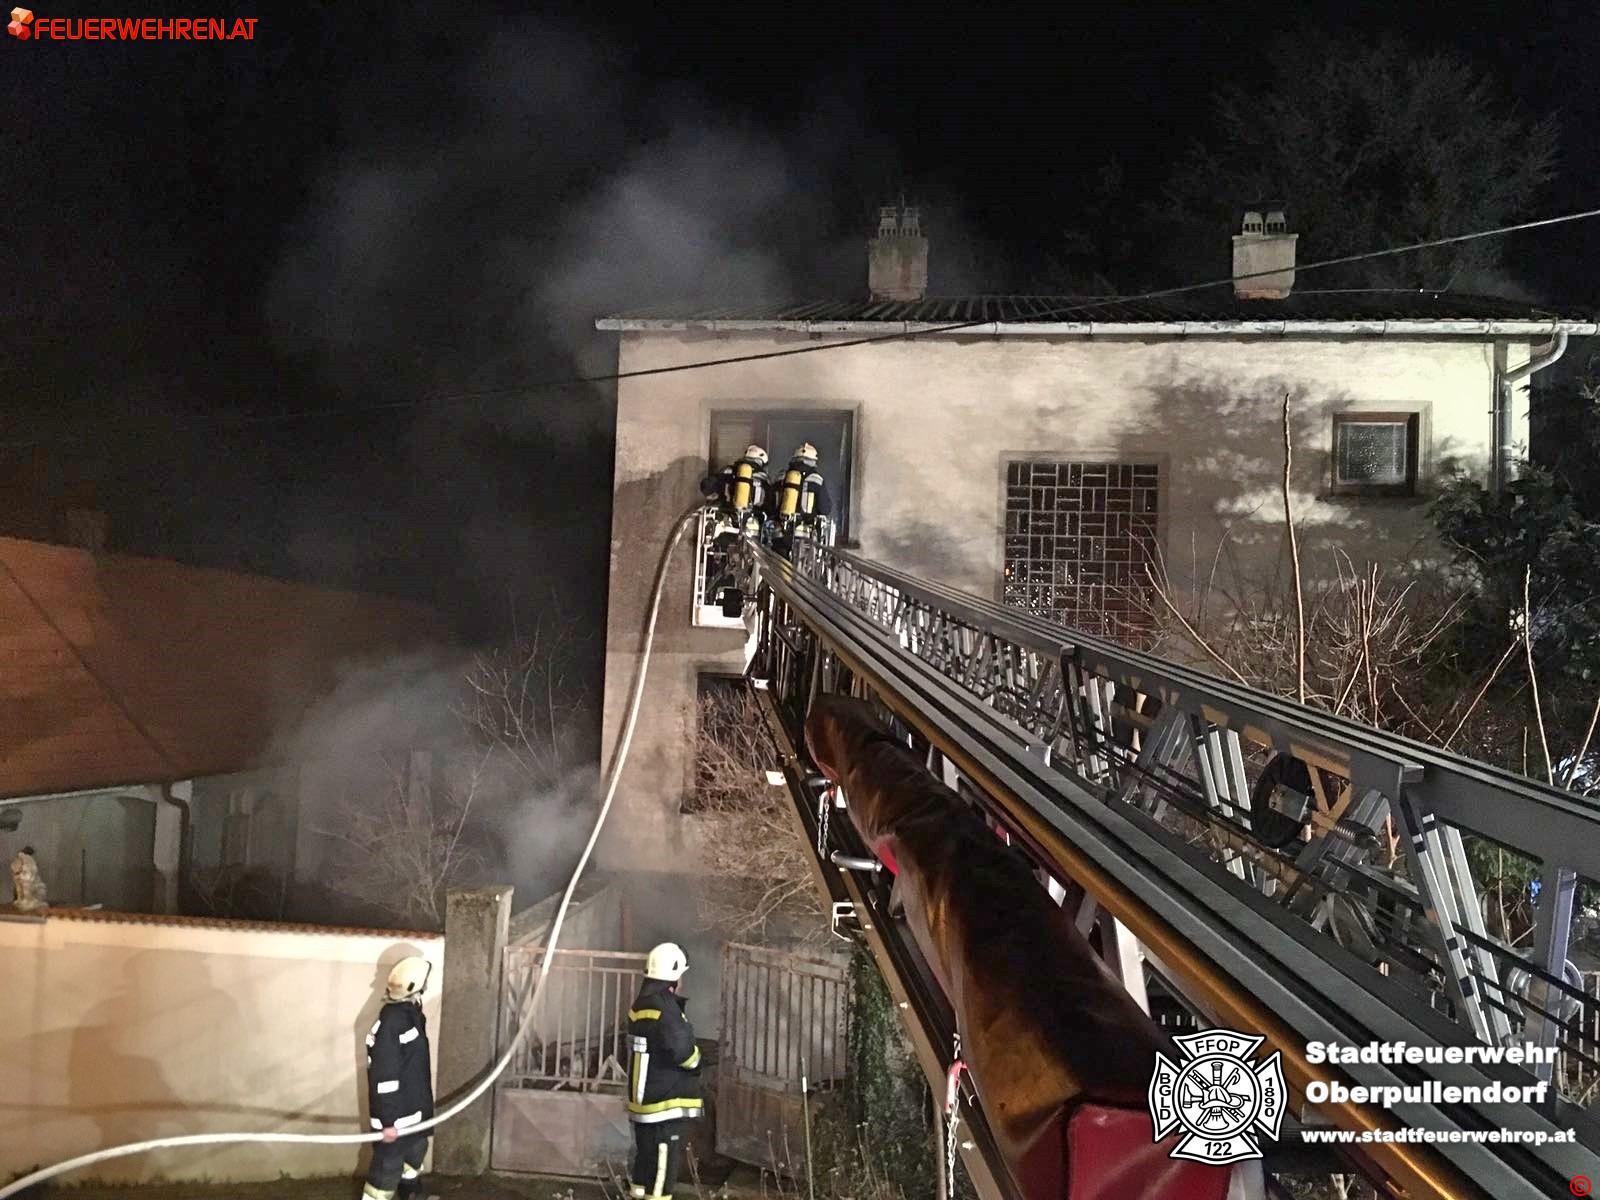 Stadtfeuerwehr Oberpullendorf: Gebäudebrand in Nikitsch 1